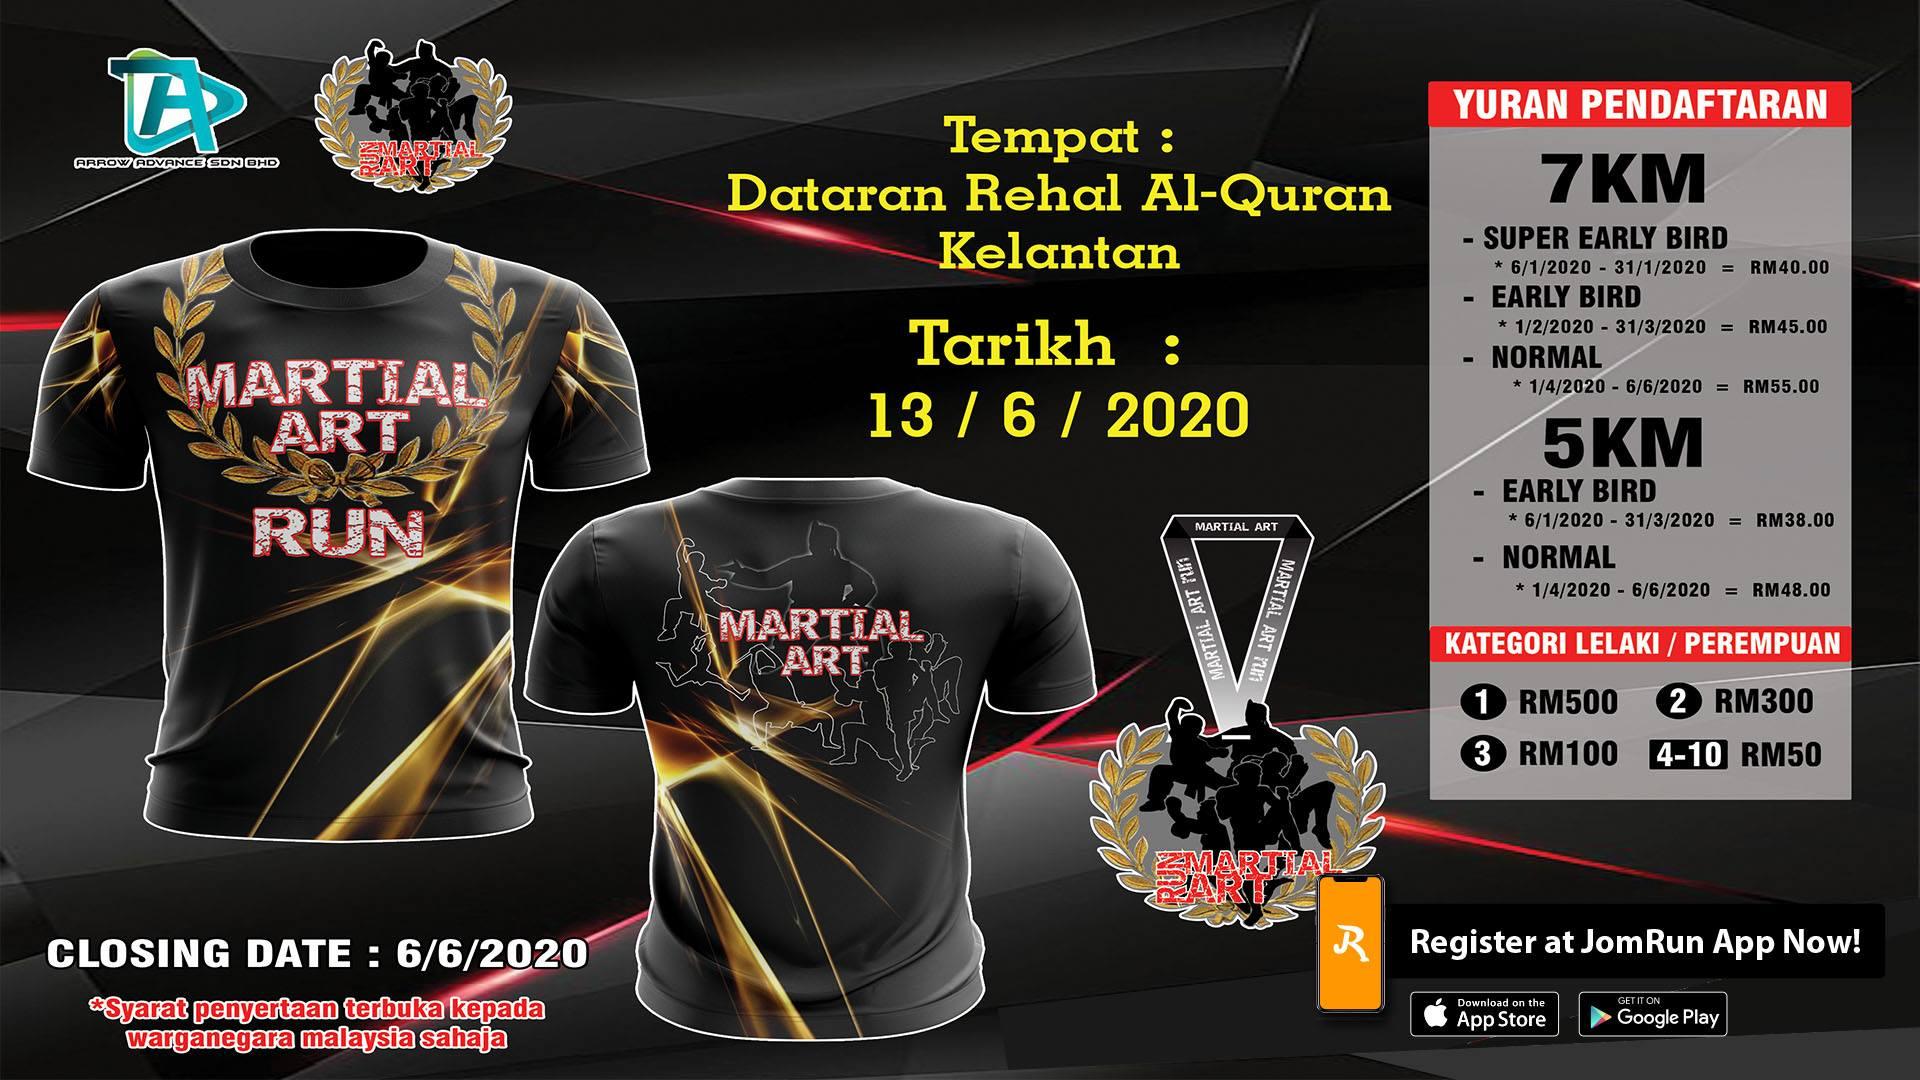 Kelantan Martial Art Run